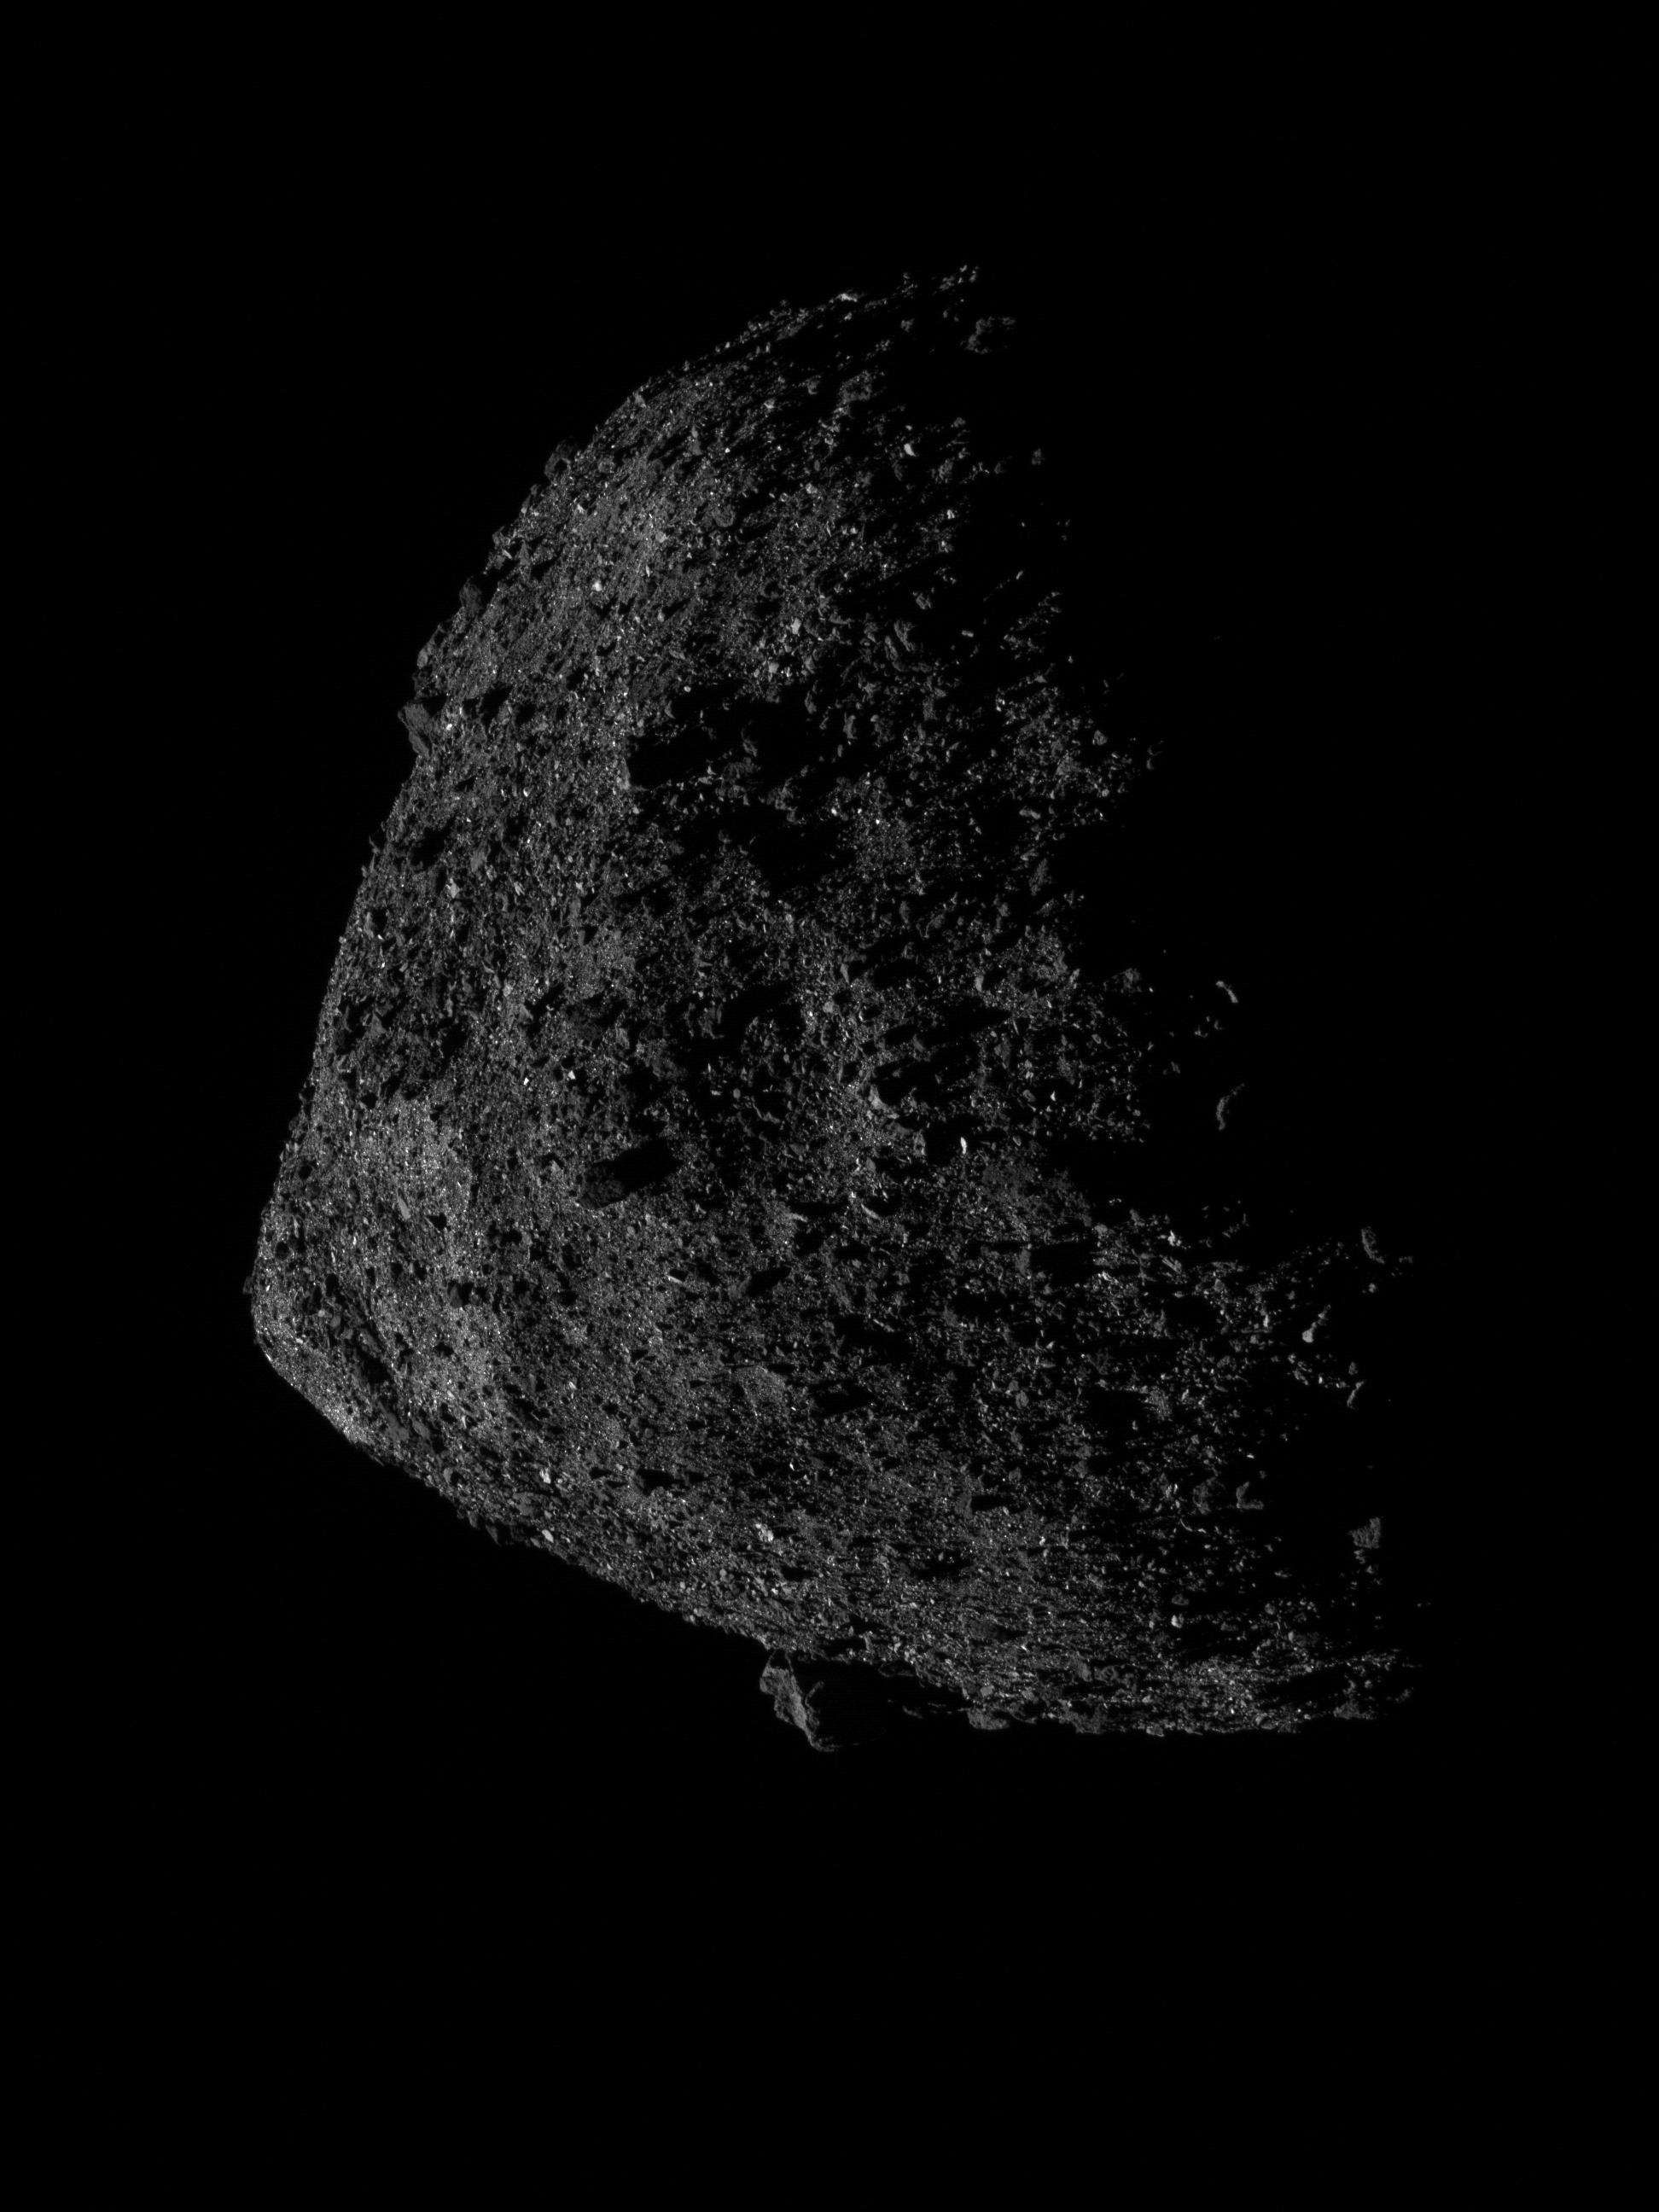 L'astéroïde Bennu